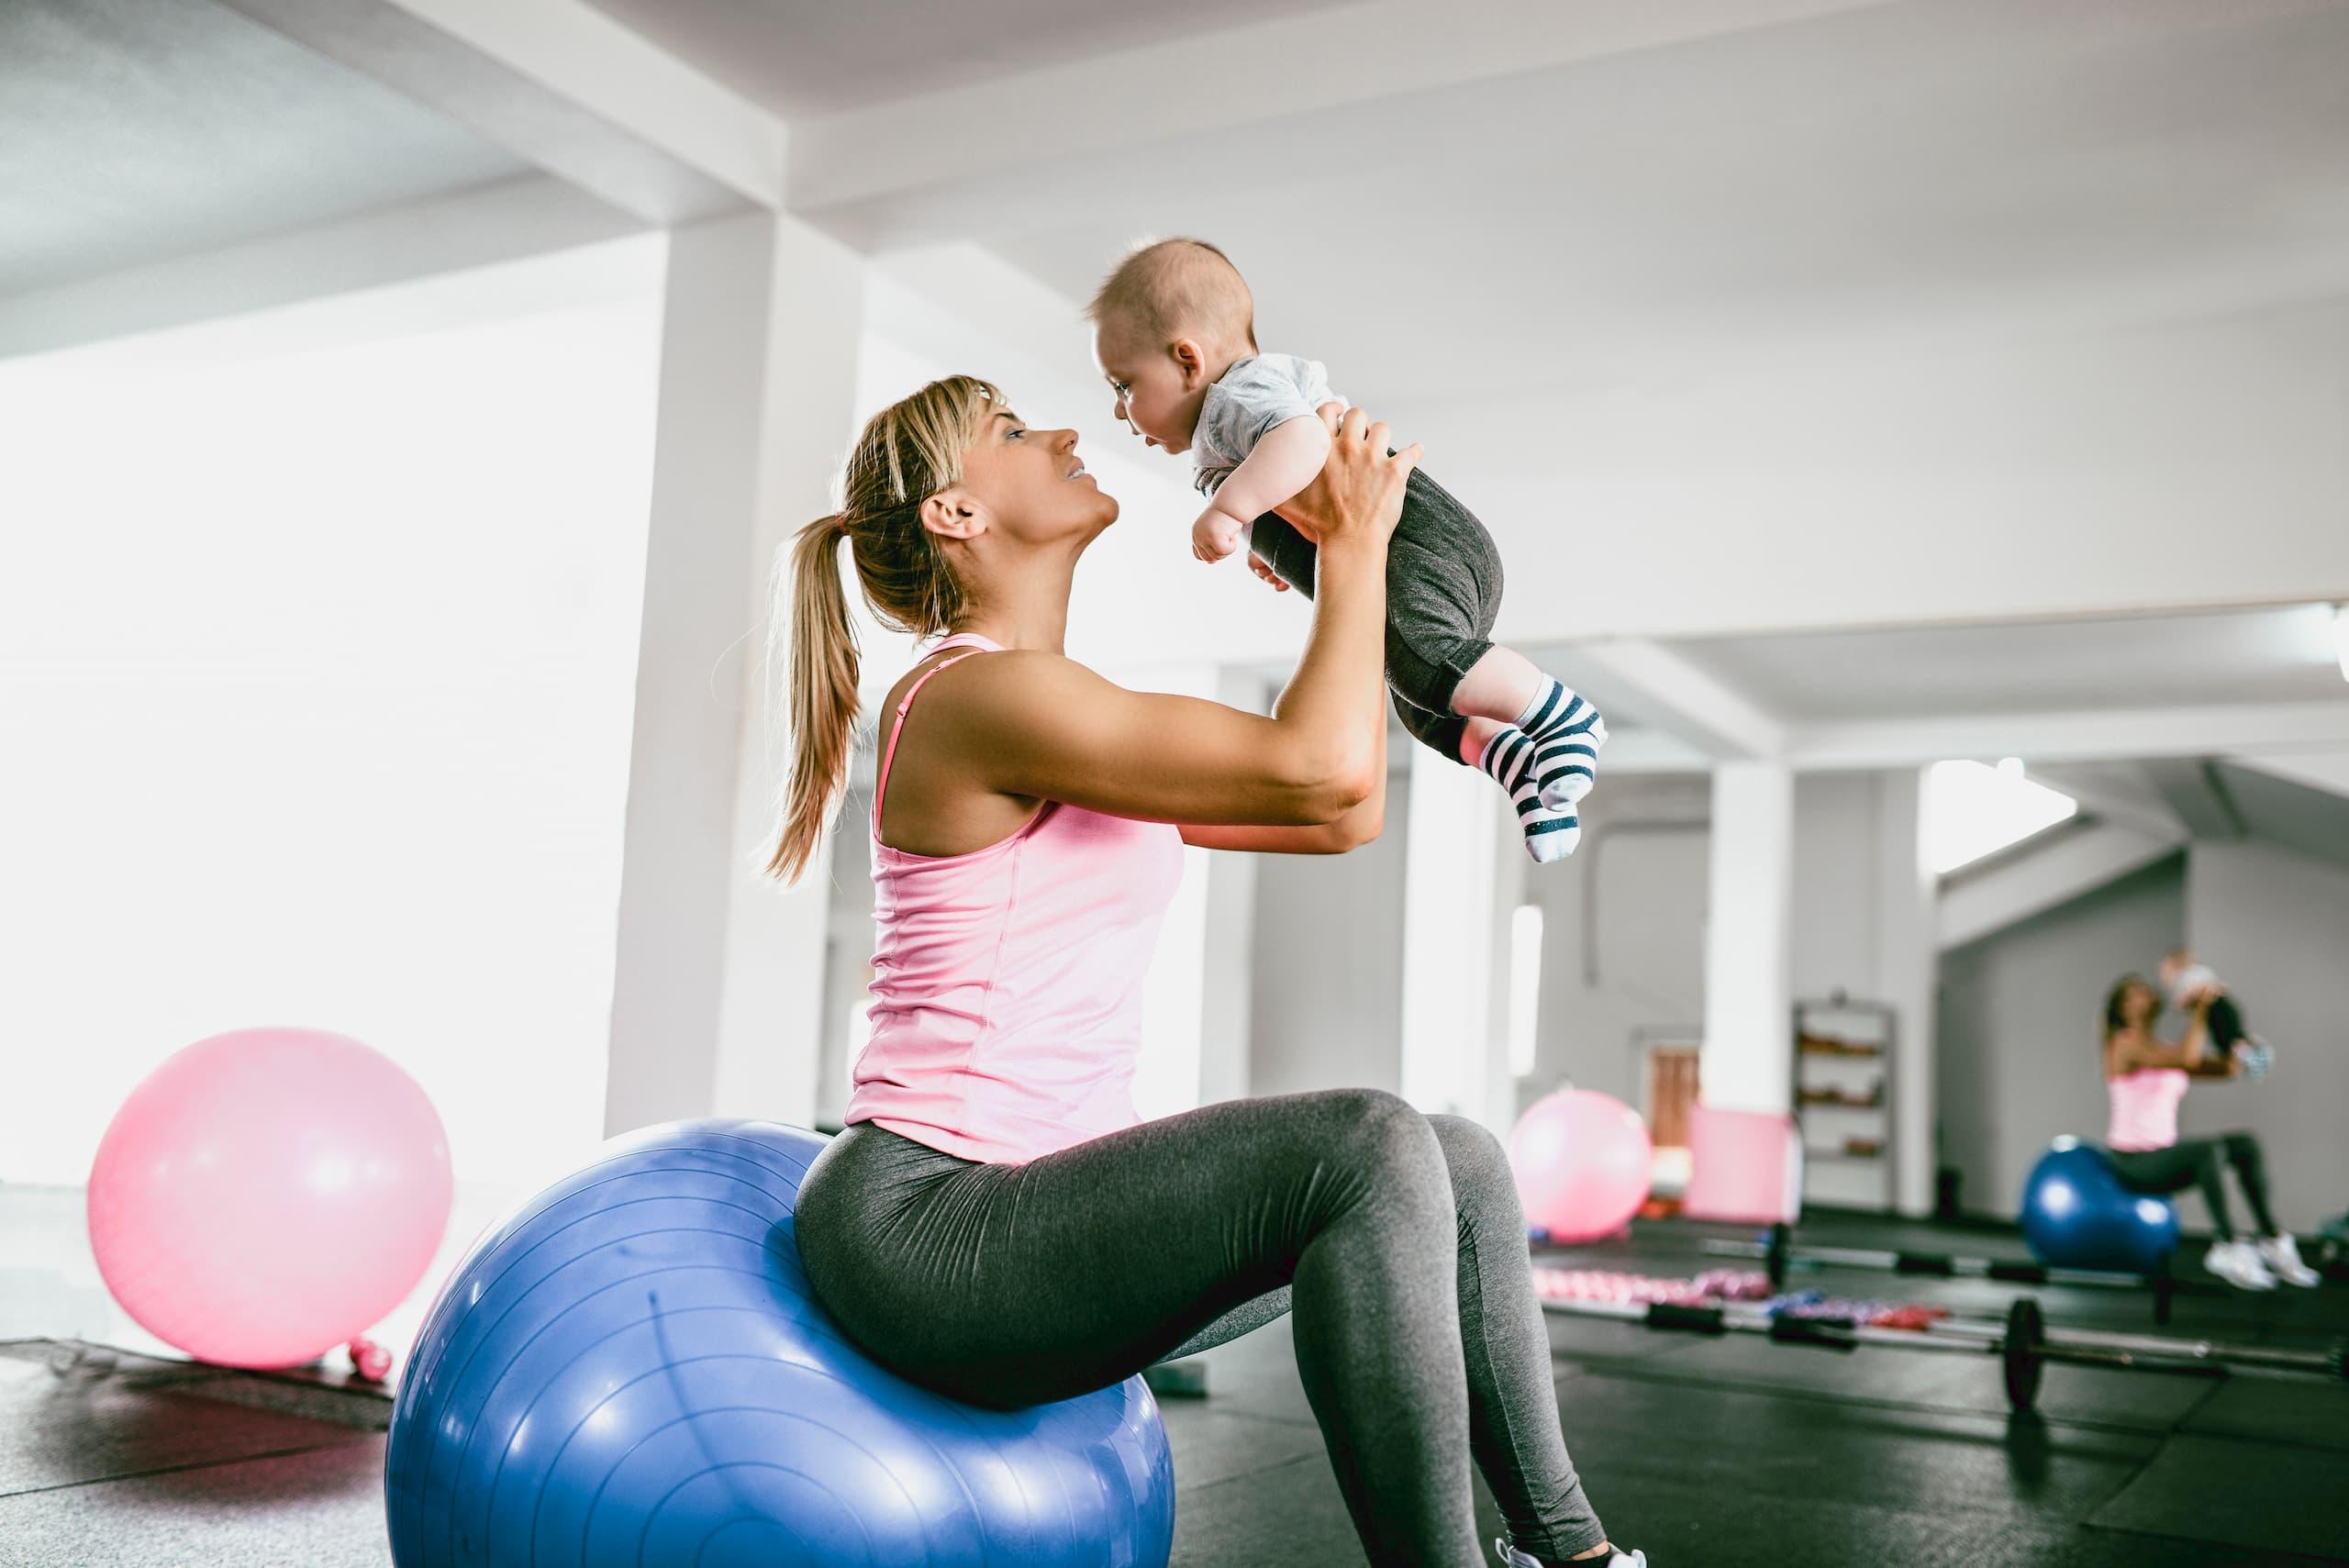 Femme avec enfant dans les bras